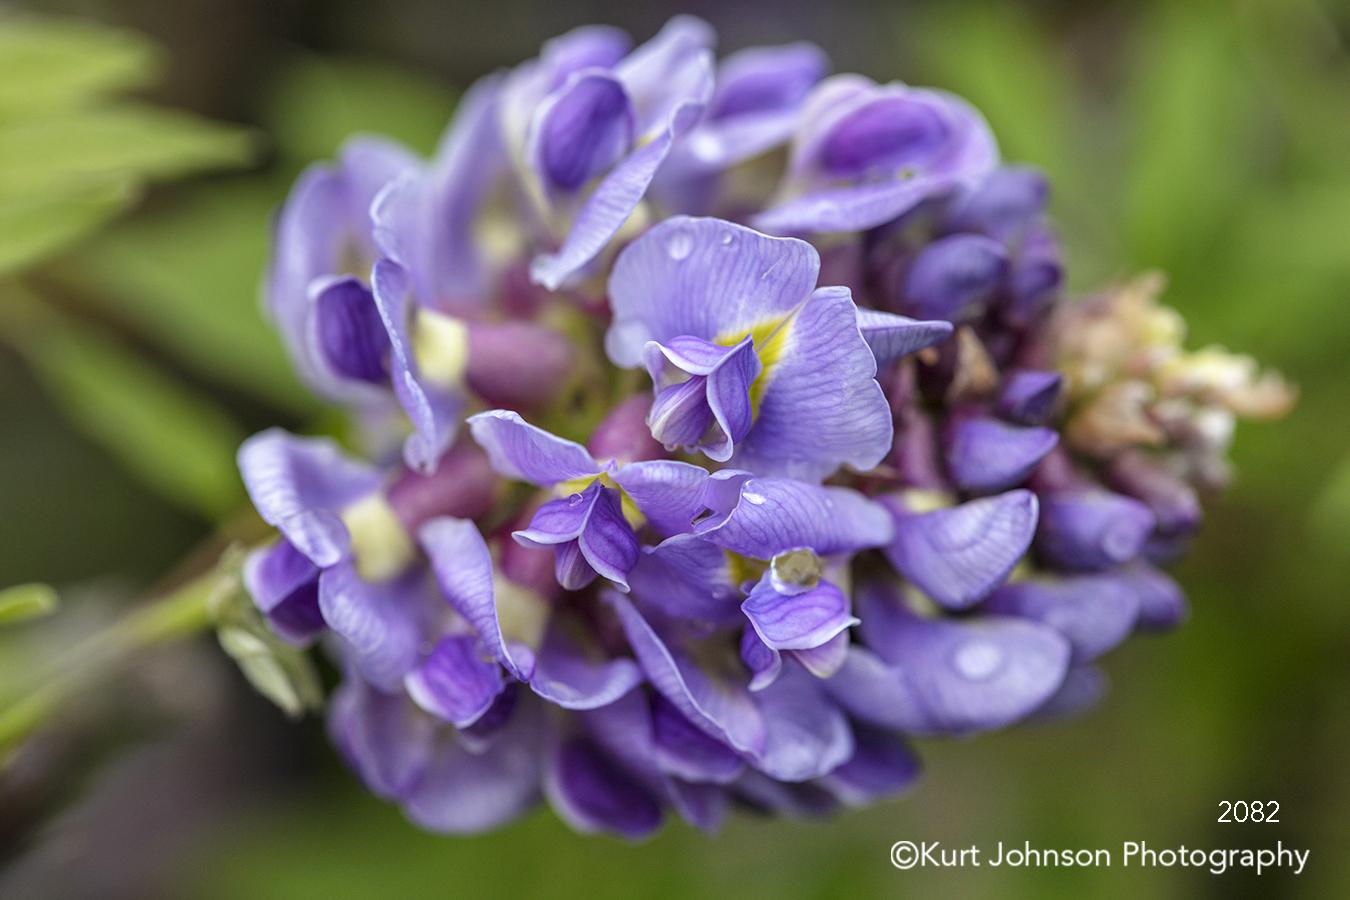 purple violet lavender flower petals close up macro detail flowers water drops dew